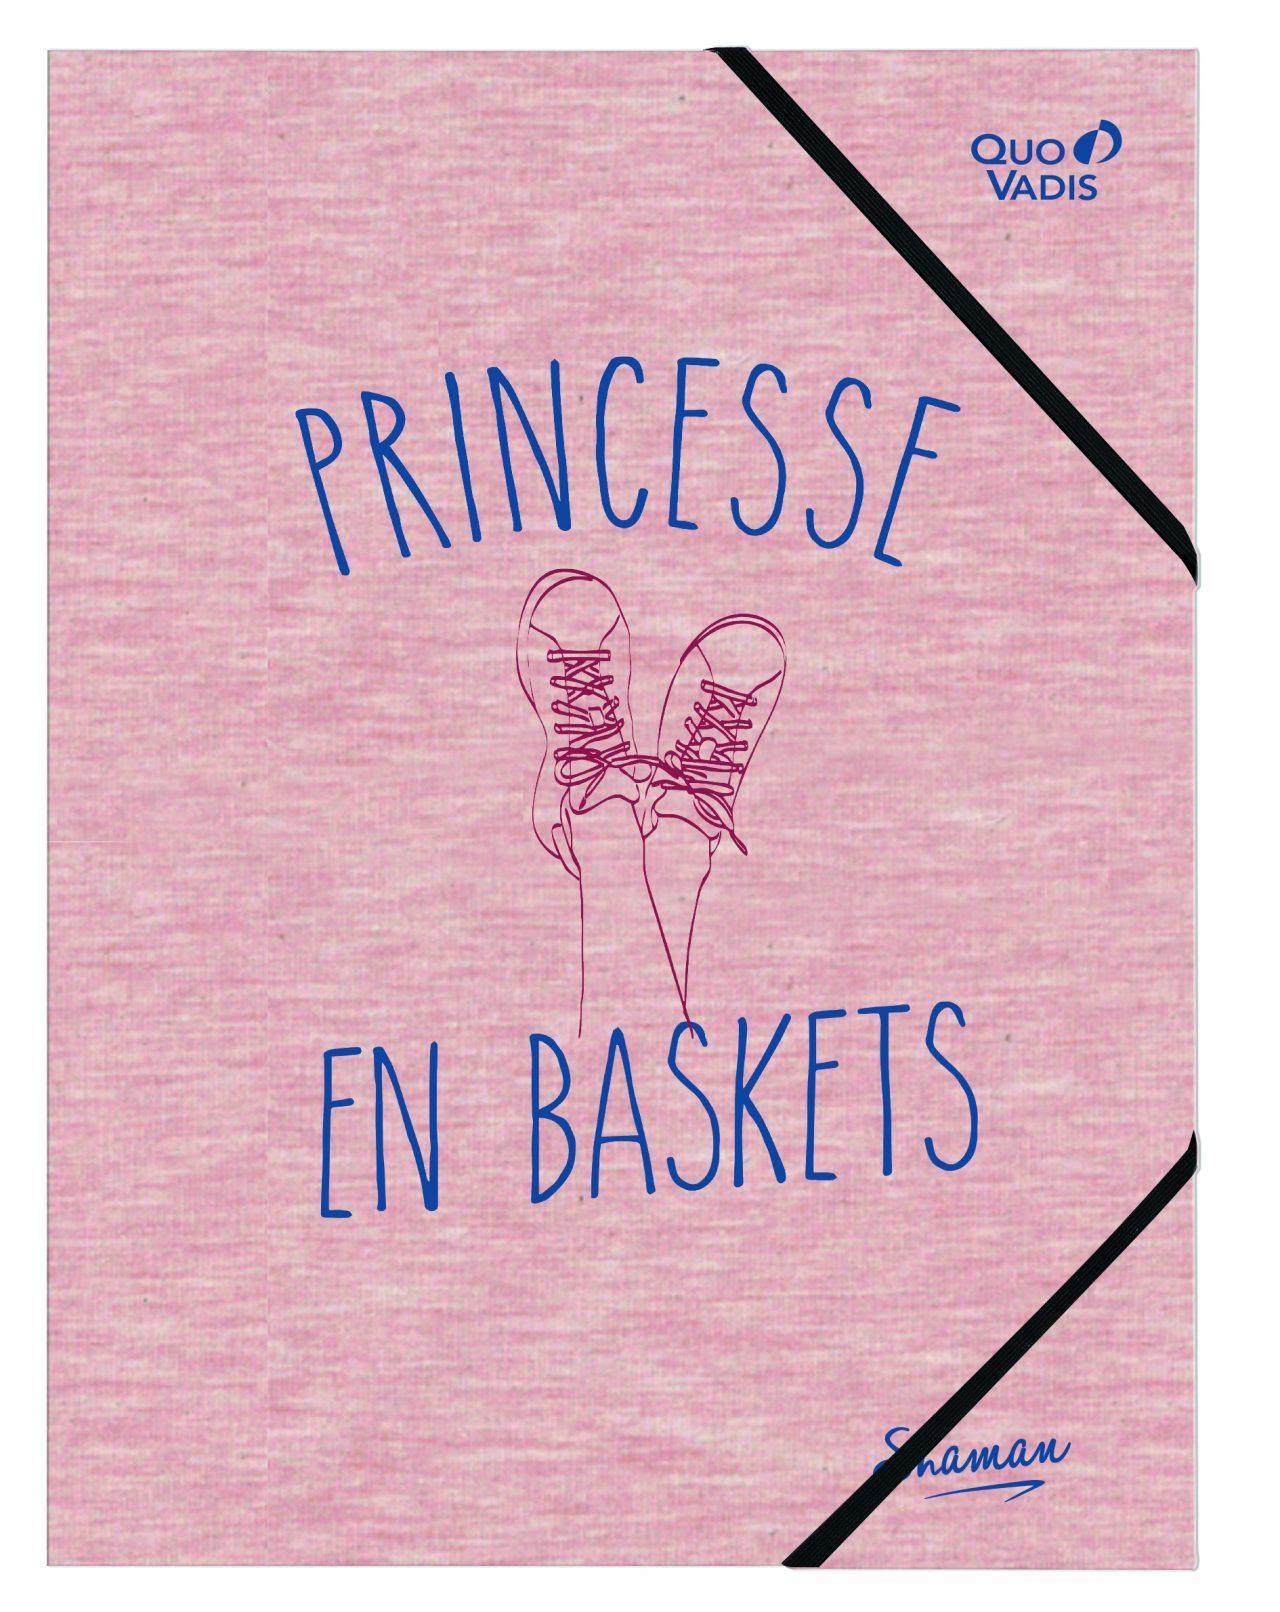 Pochette avec élastique Princesse en baskets Shaman Quo Vadis